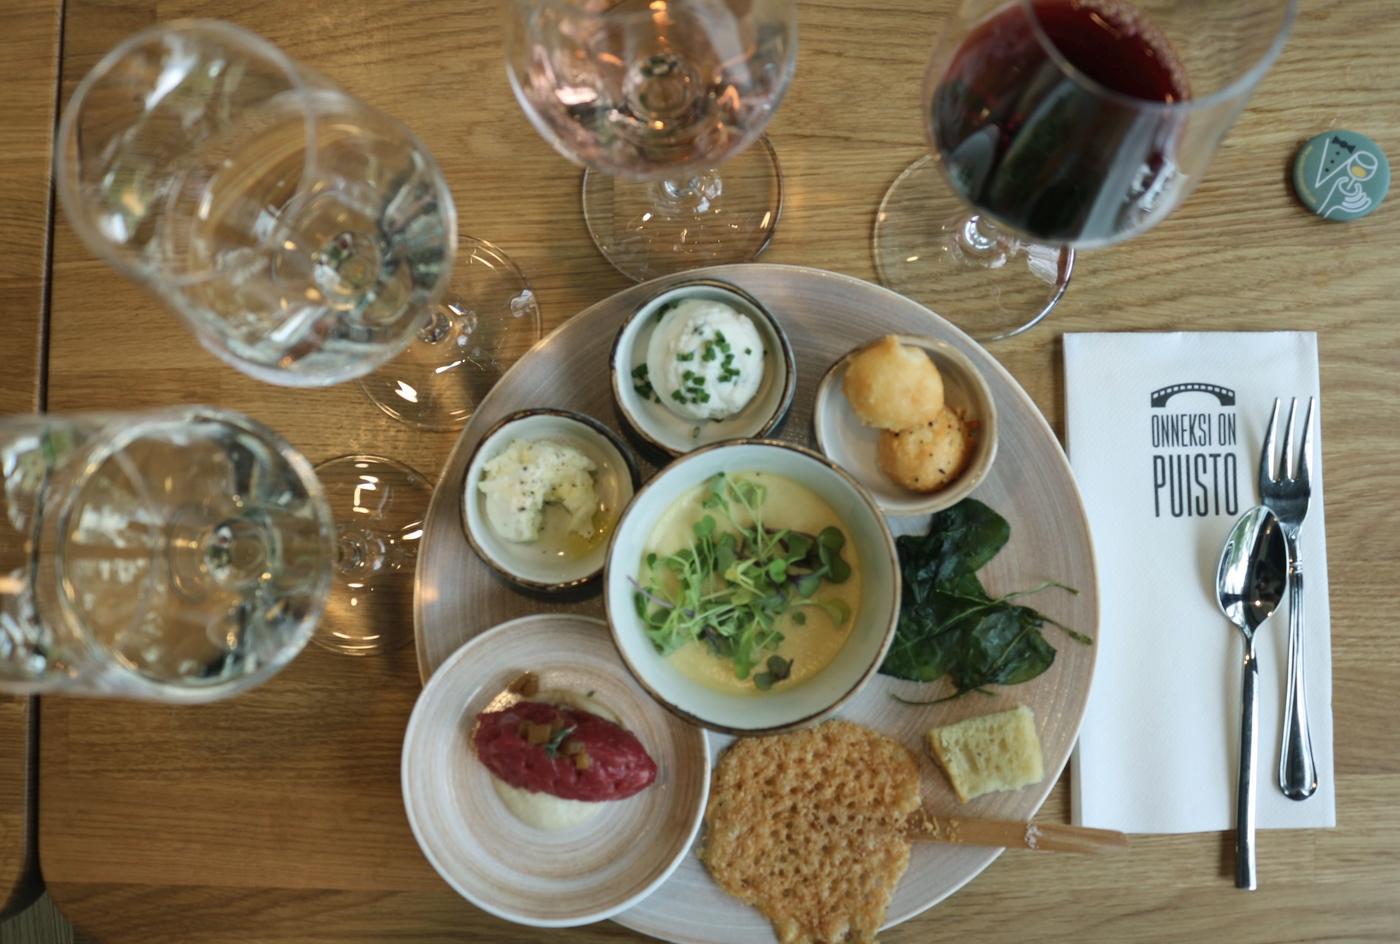 Italialaisia makuja Puistossa – Nespolin viinitila laittoi parastaan